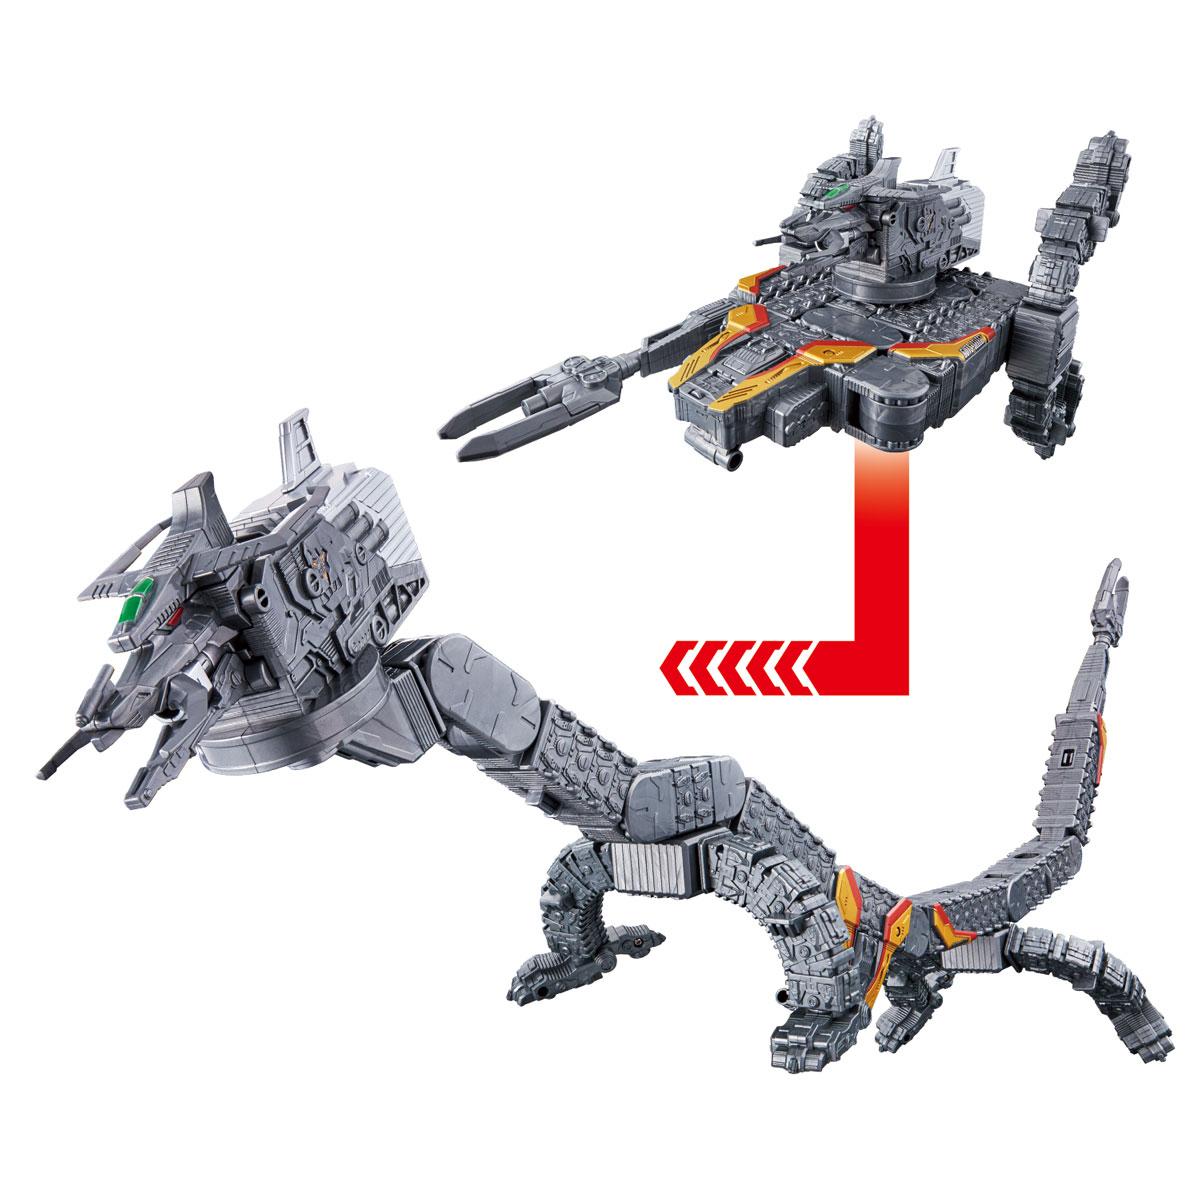 ウルトラマントリガー『渦巻変形 DXナースデッセイ号』可変可動フィギュア-003